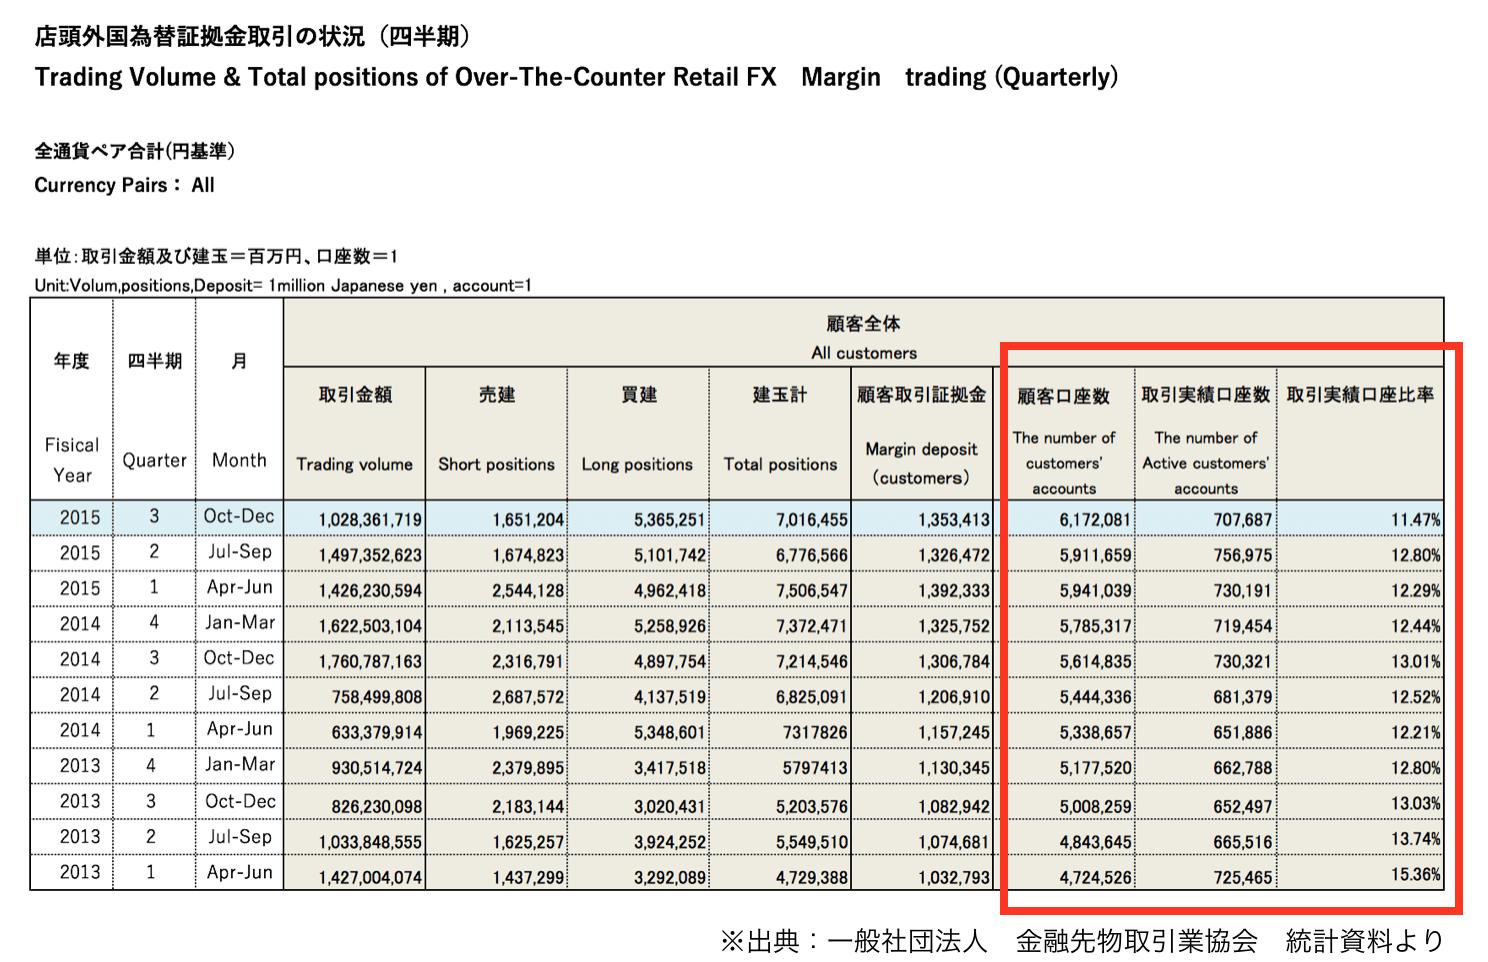 「四半期ごとのFXの全体口座数とその期間に取引が行われた口座の数及びその比率」を集計した表